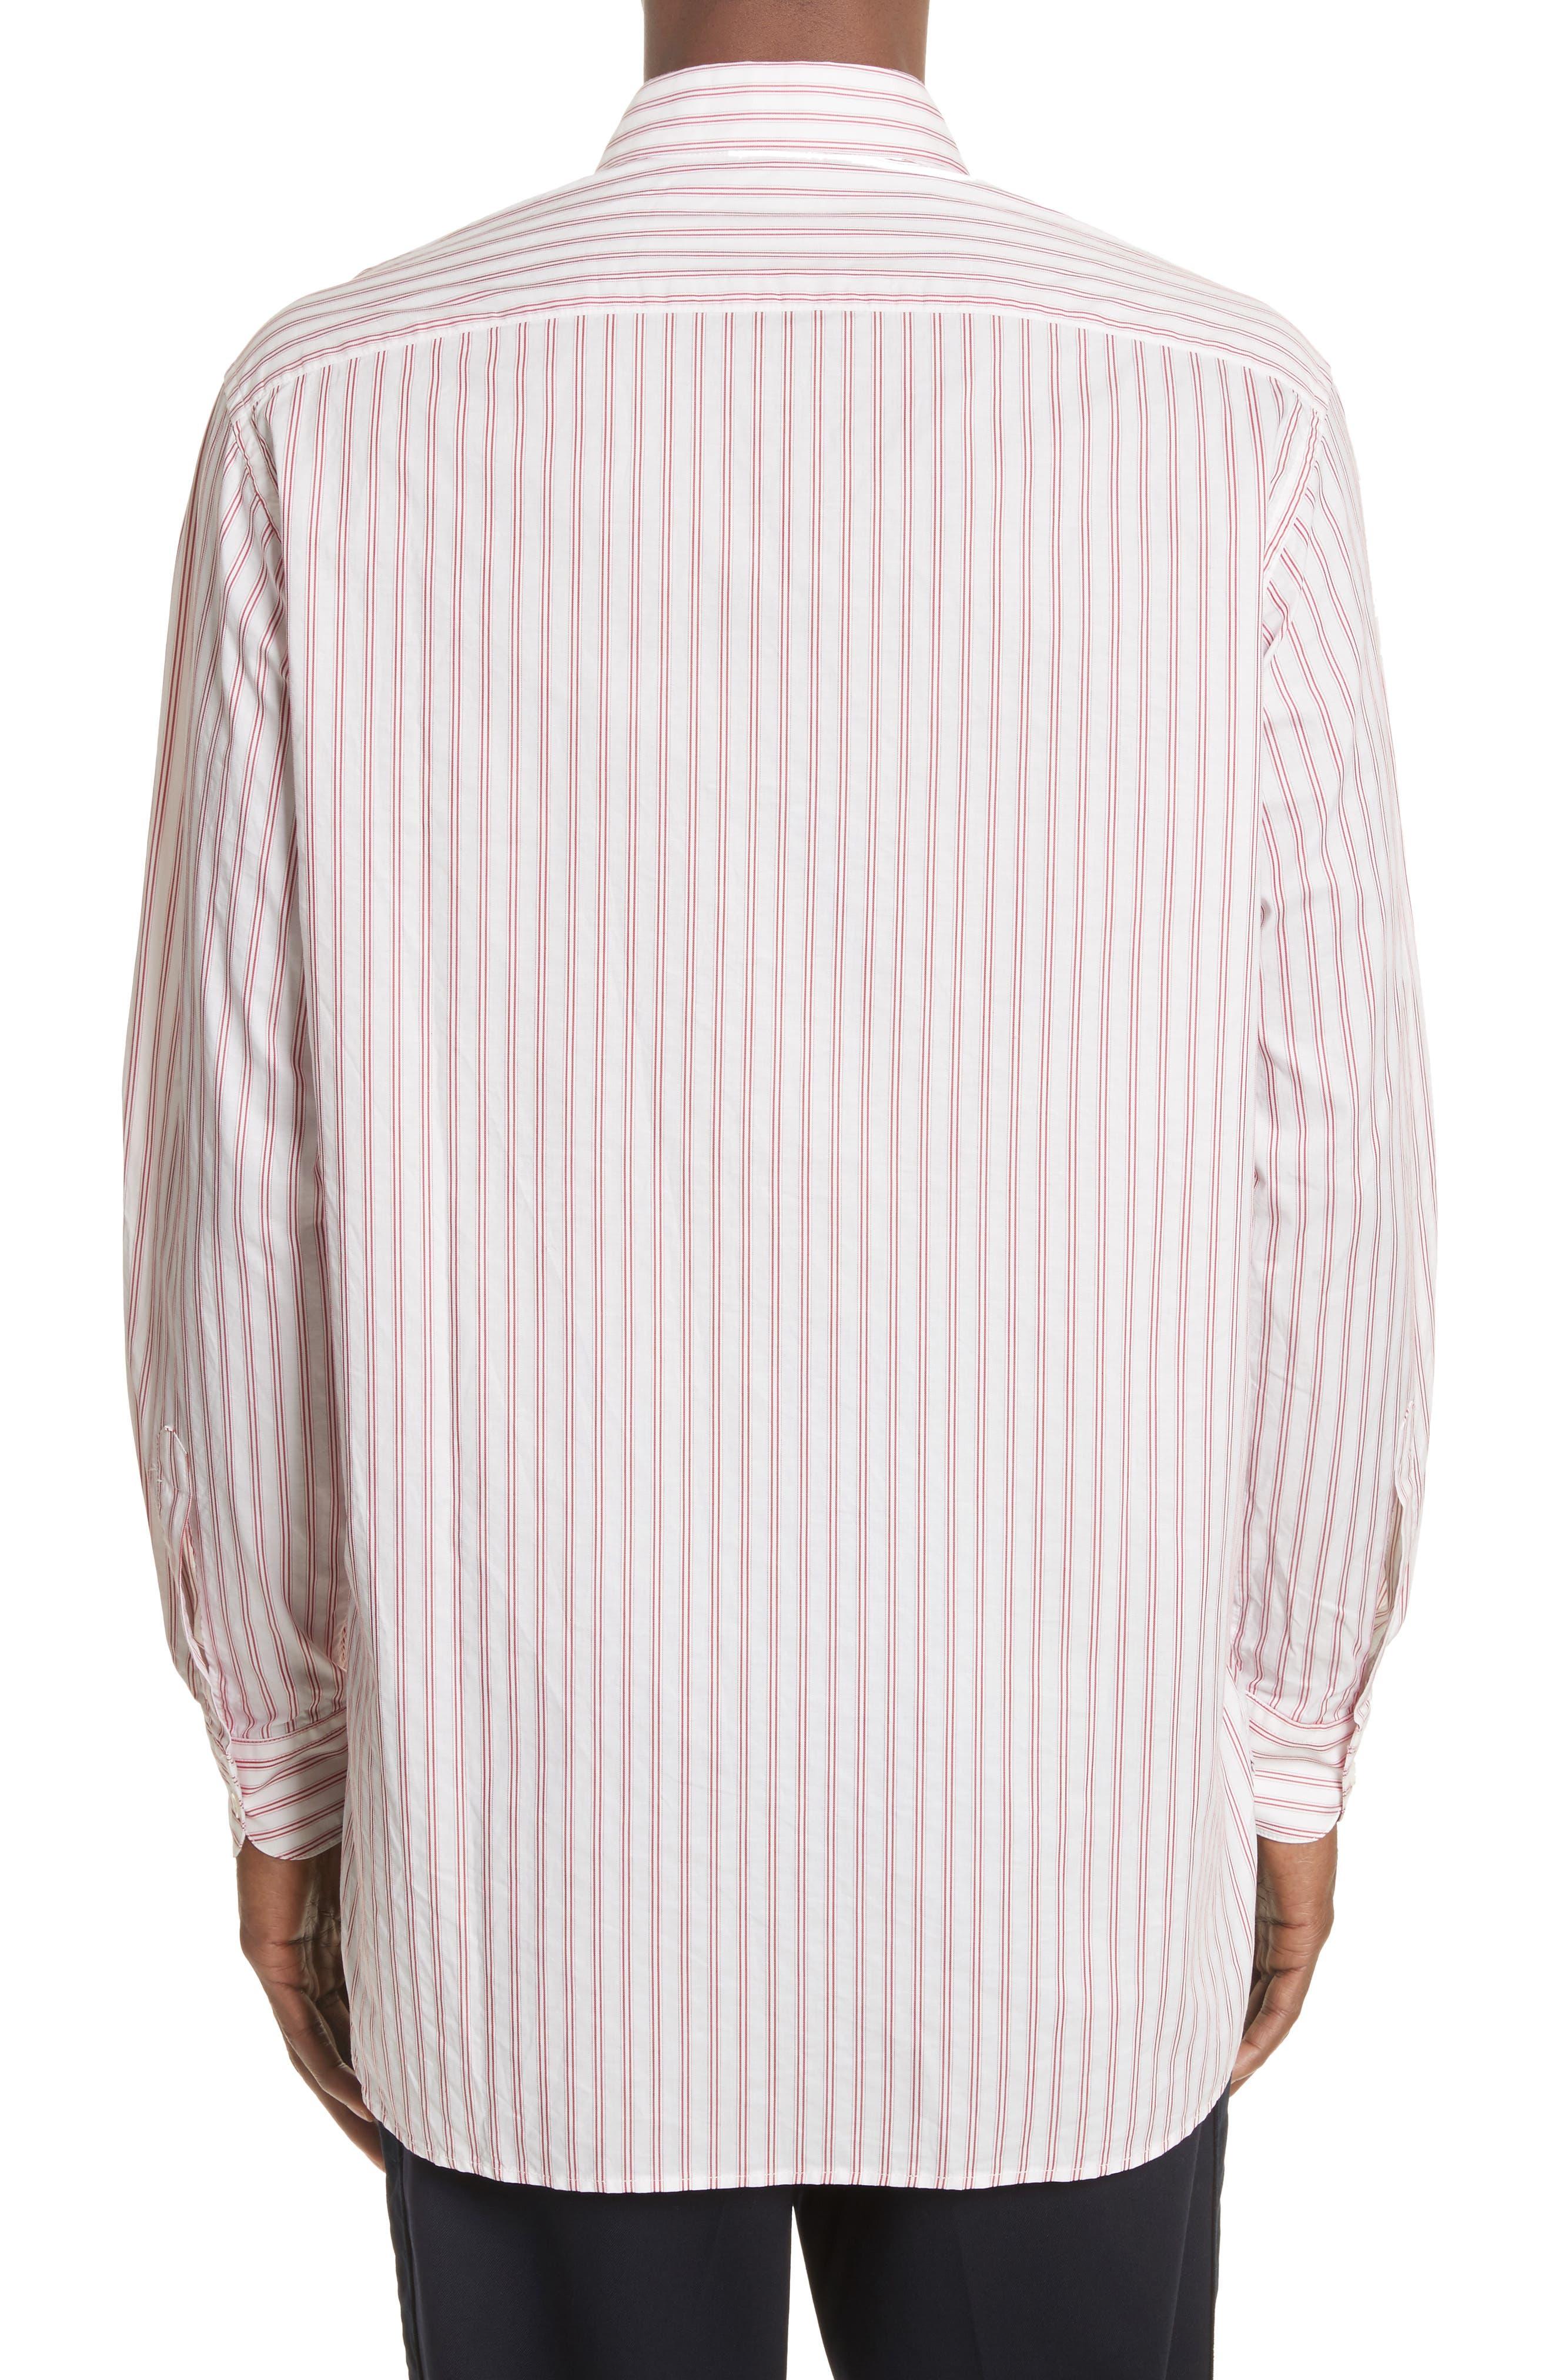 Aega Striped Sport Shirt,                             Alternate thumbnail 4, color,                             Unico